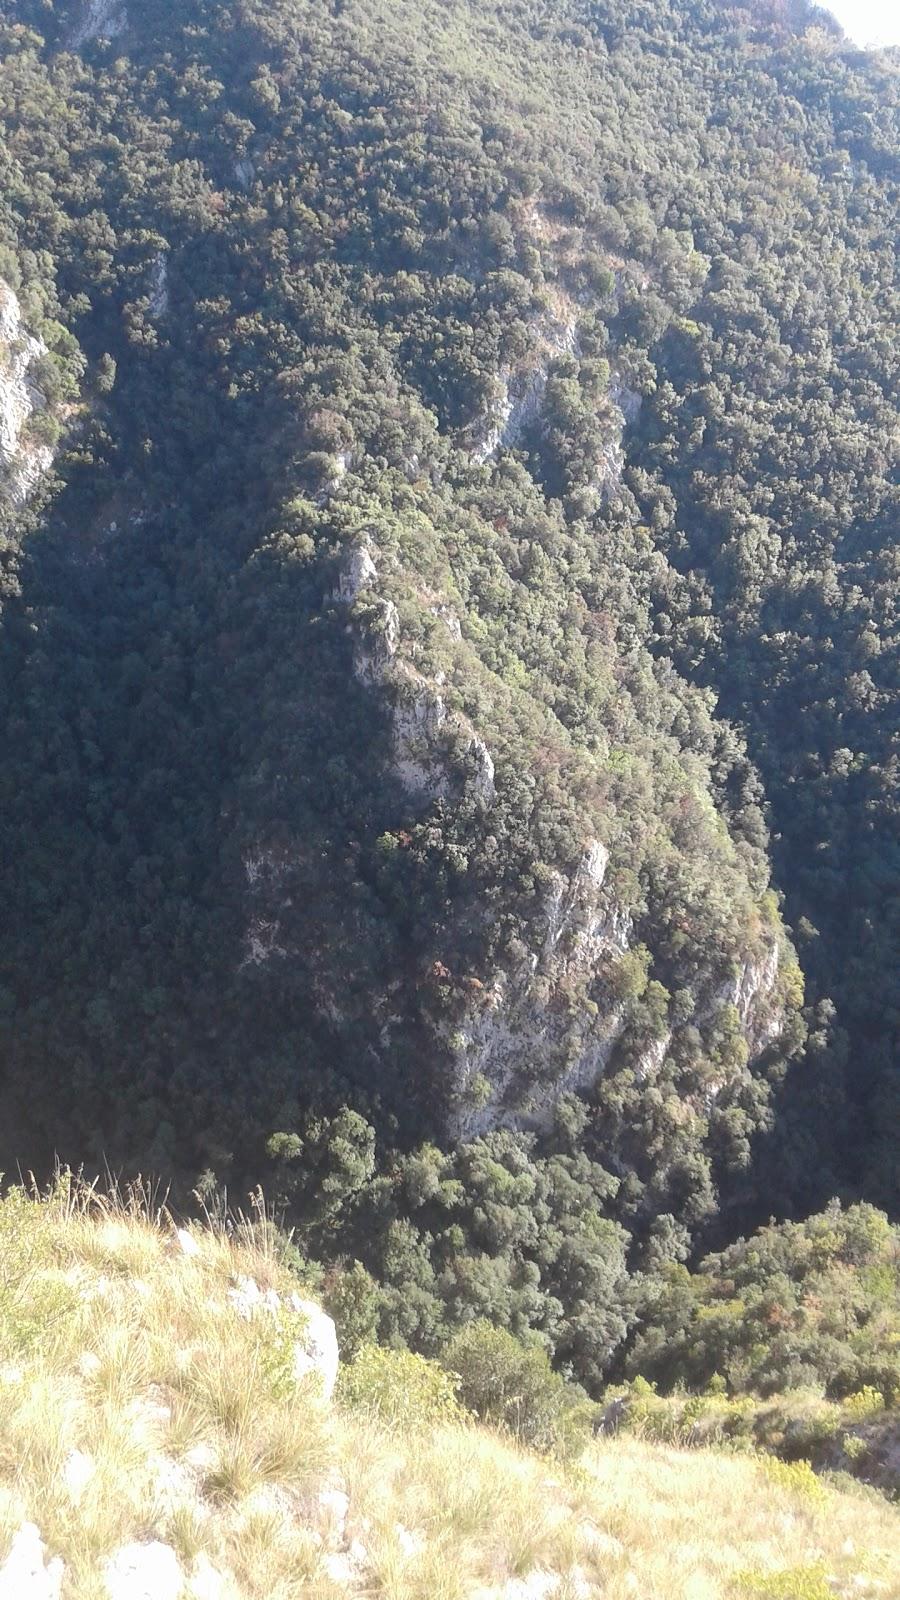 Monte San Giovanni in Sabina